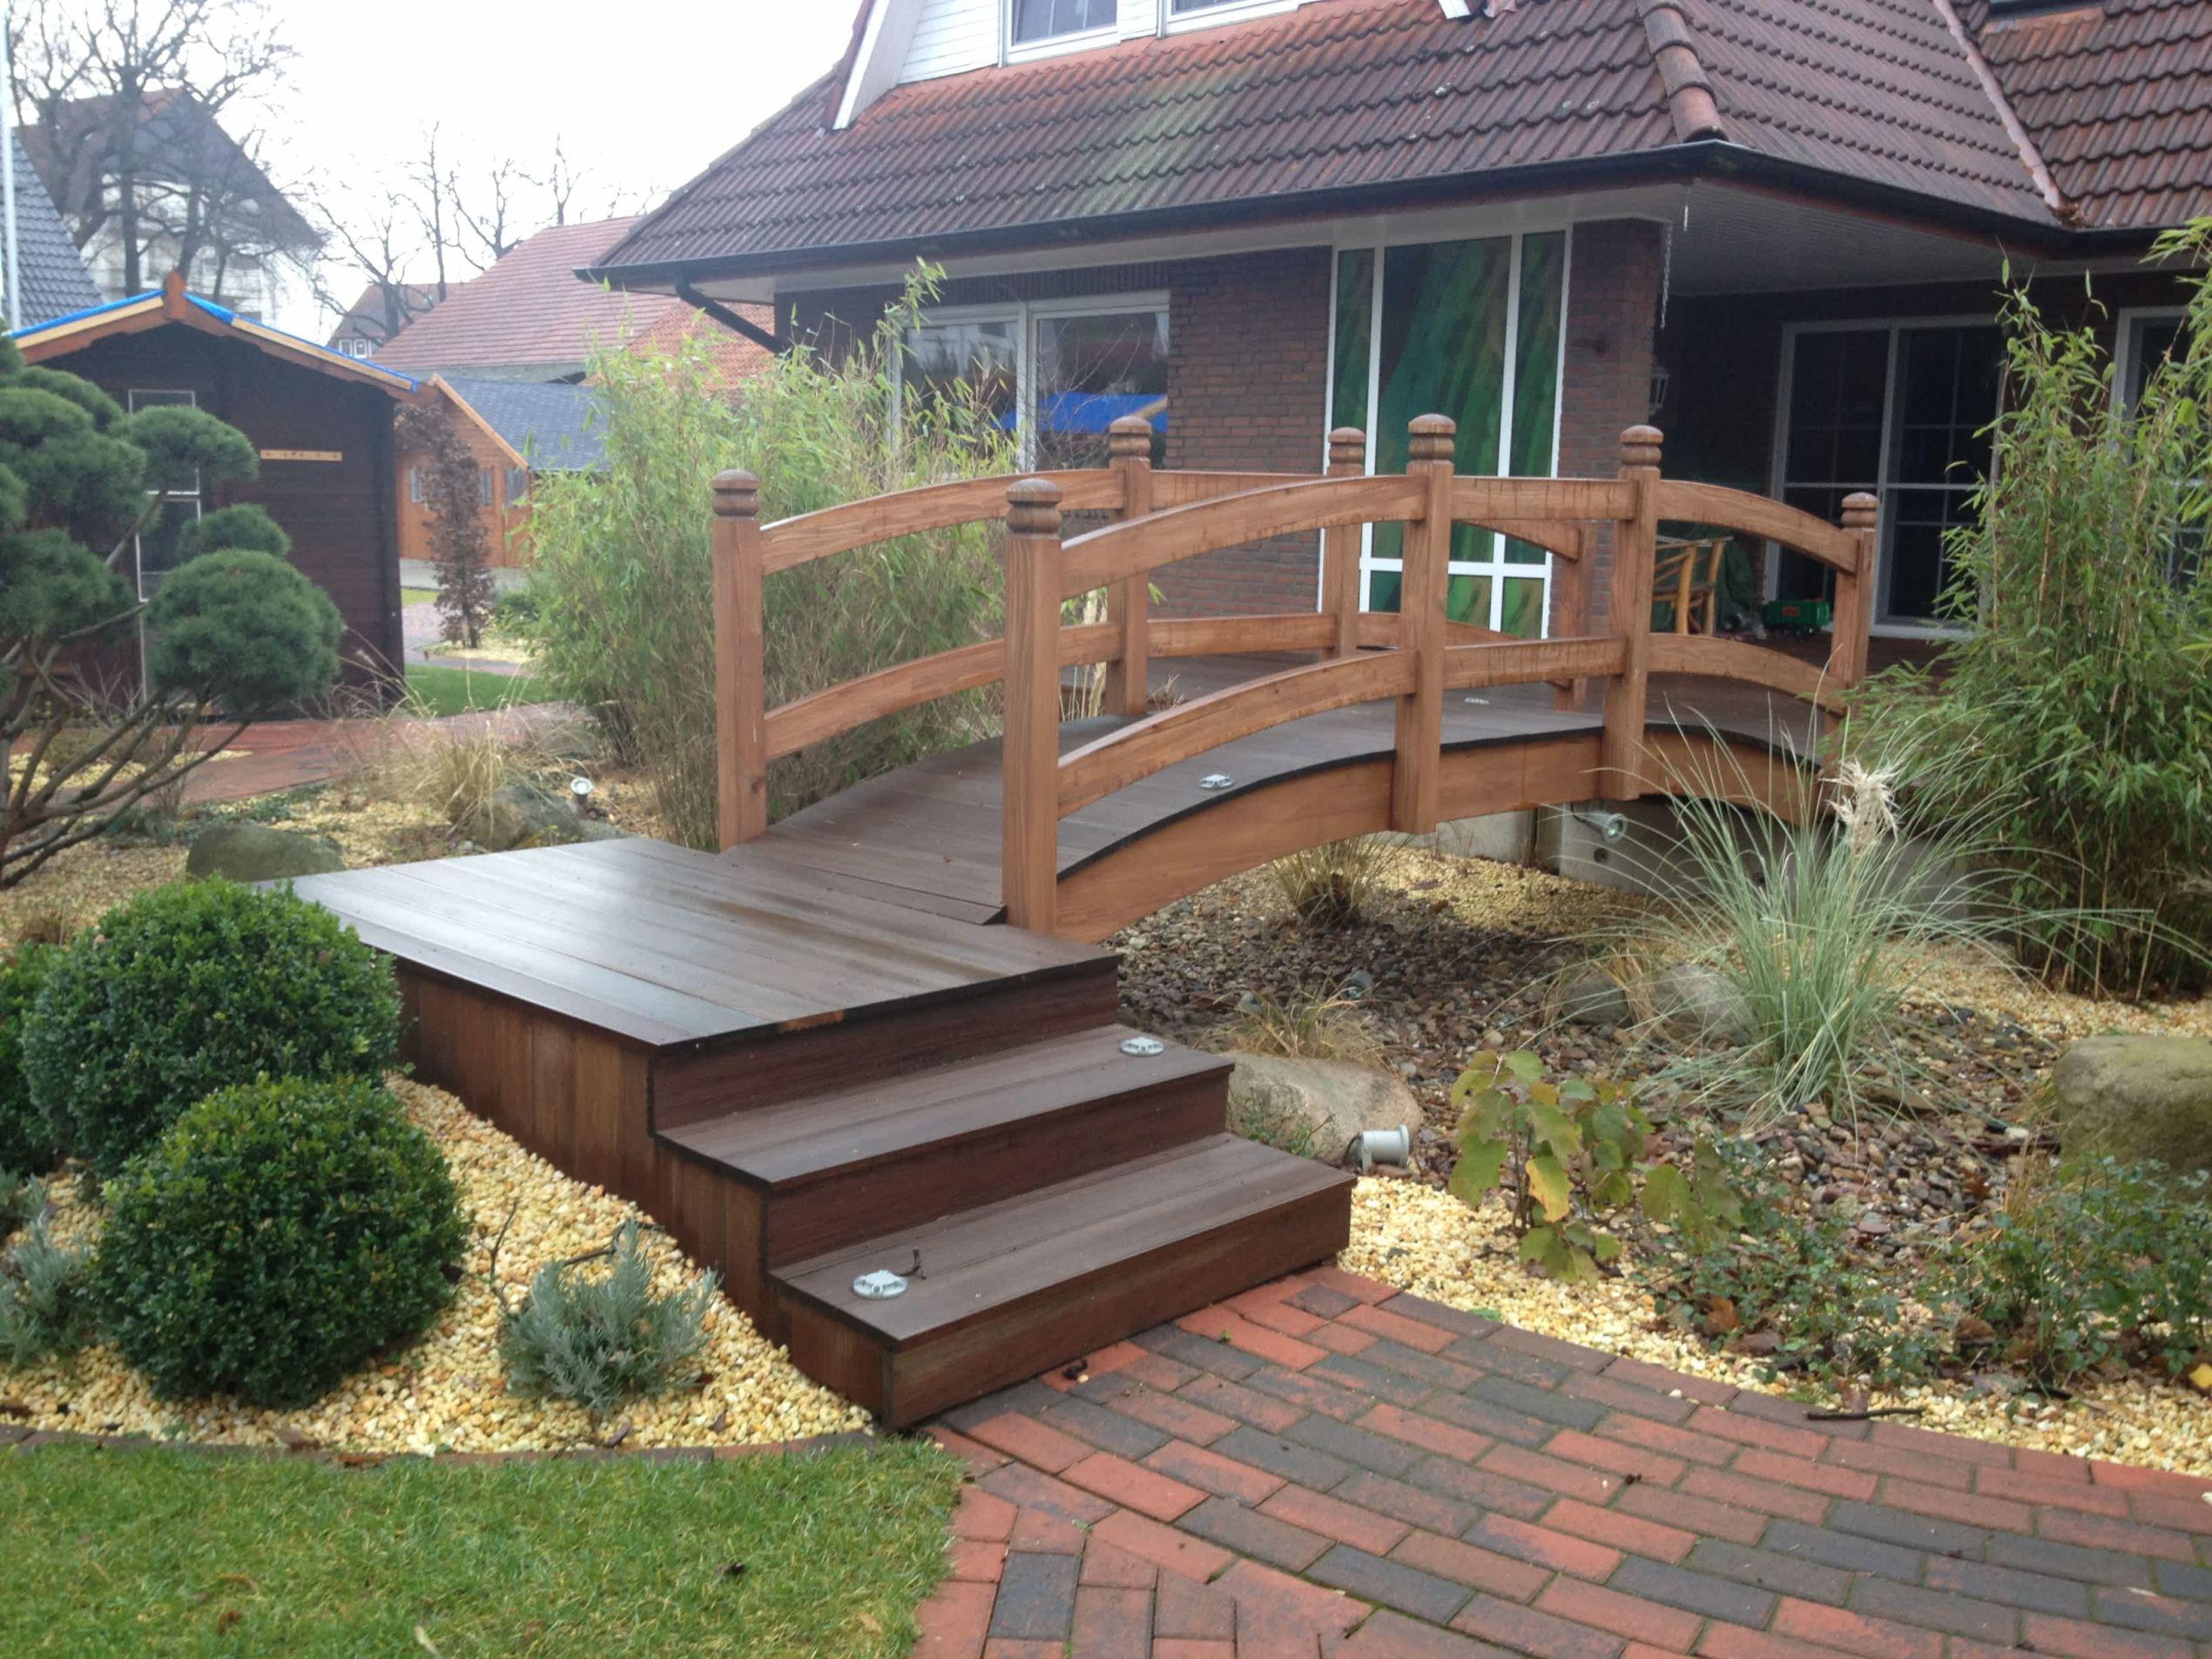 Garten- und Terrassenbau